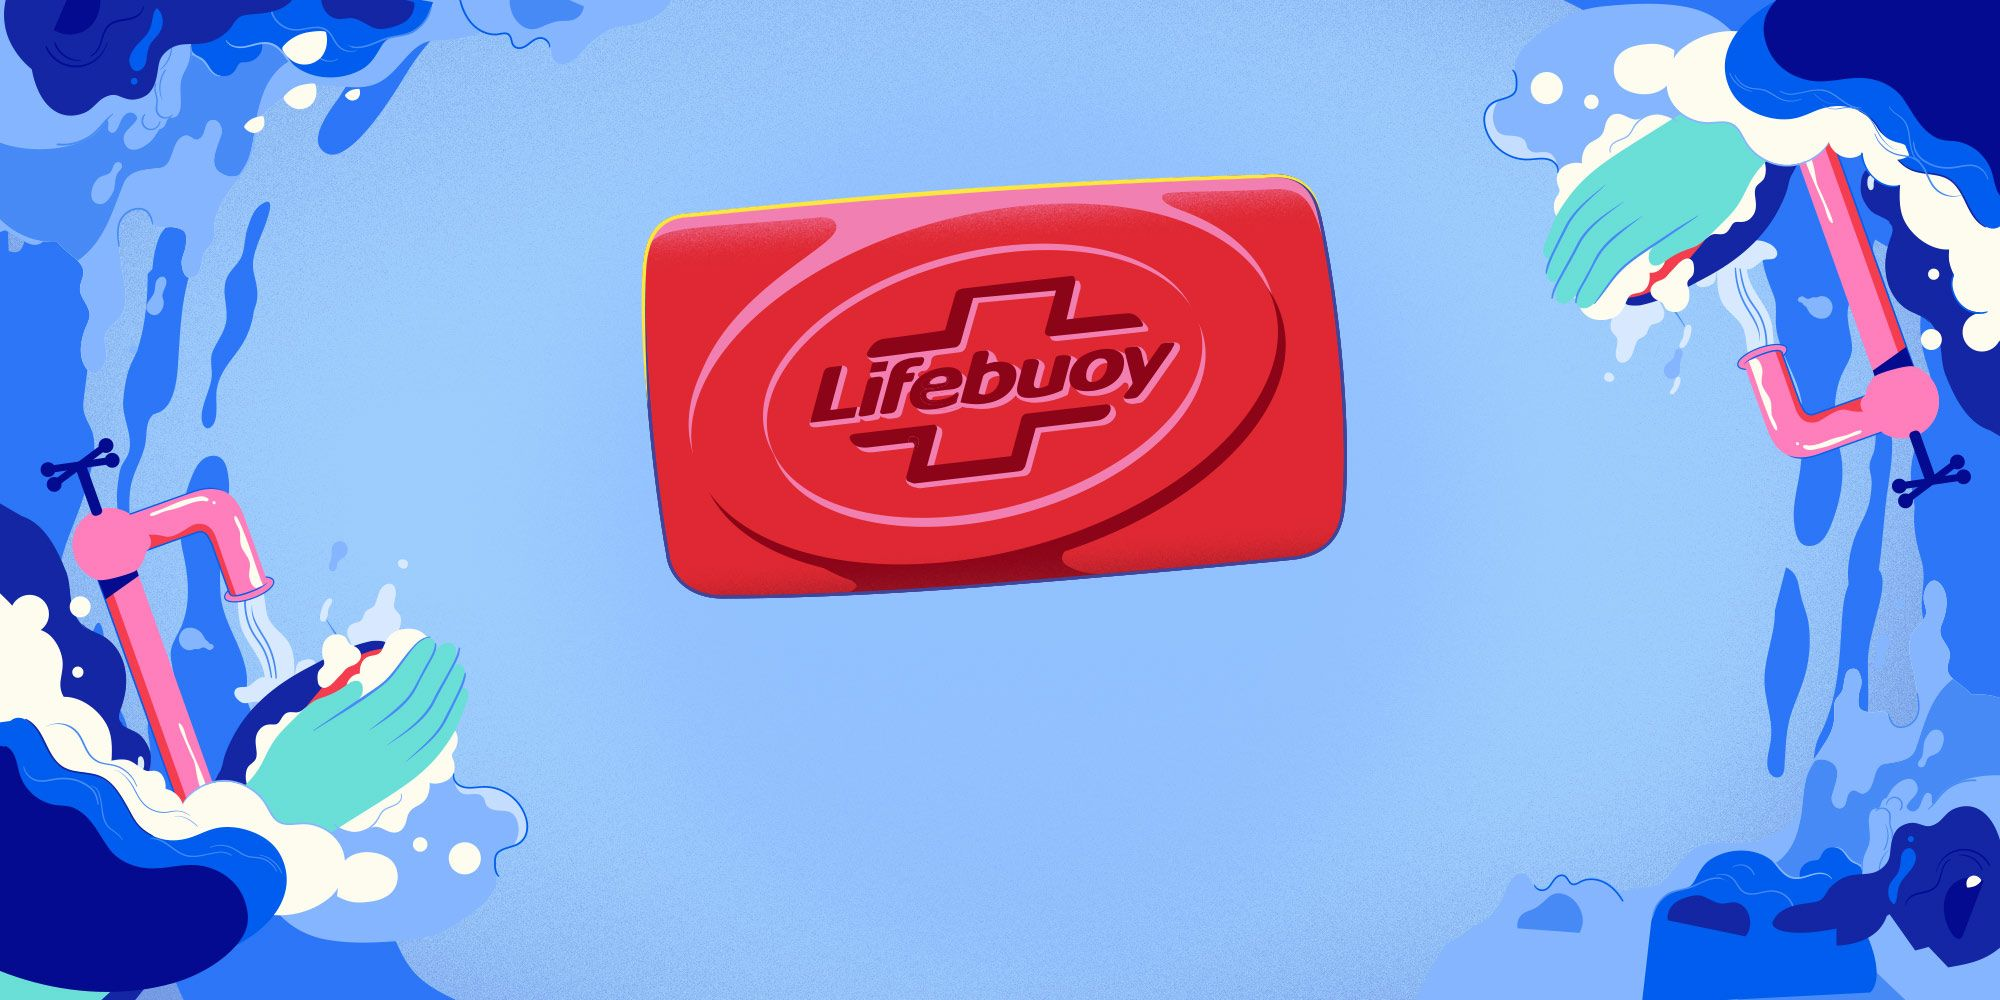 Lifebuoy background